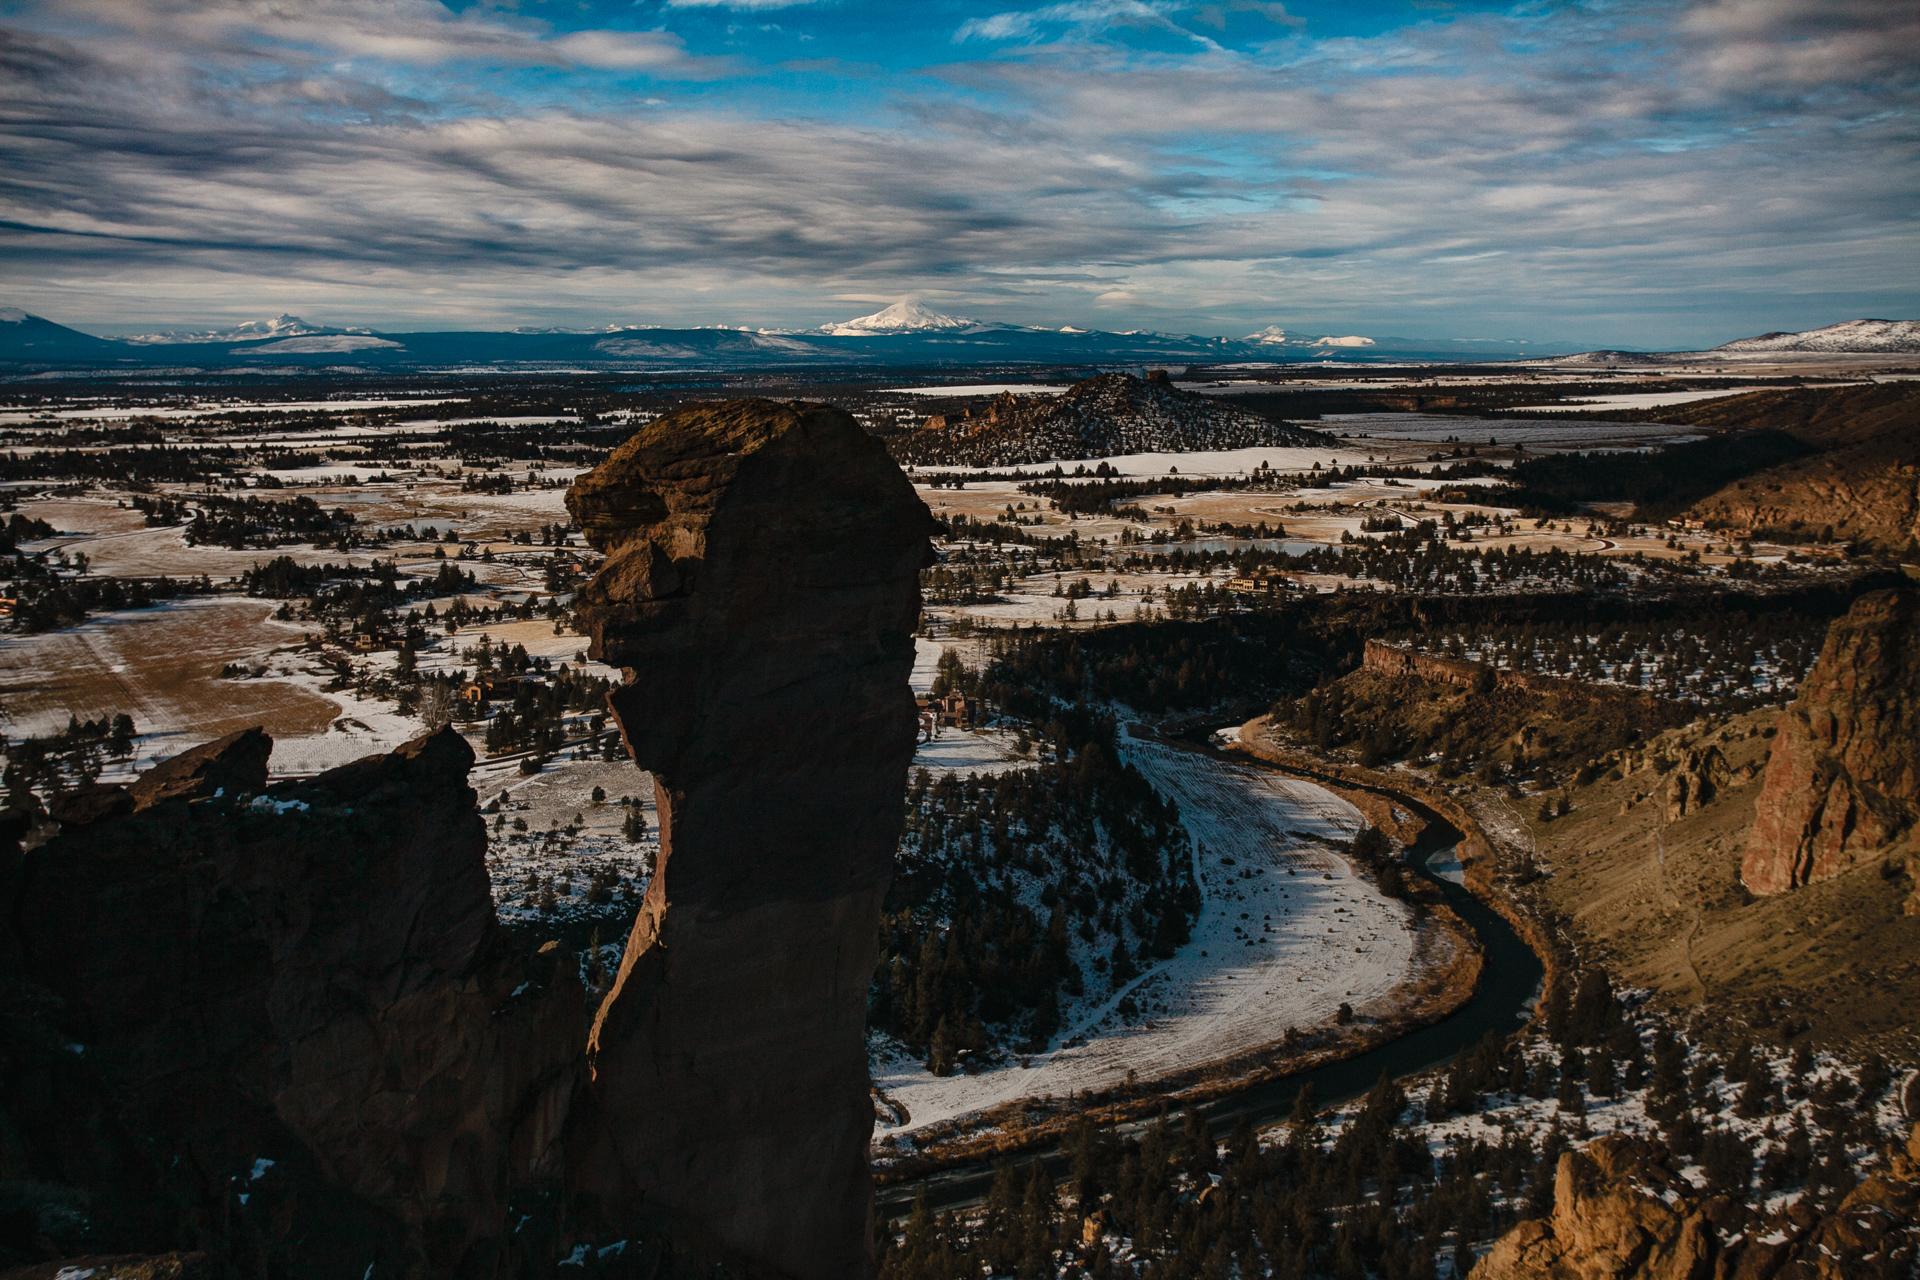 Foreground: Monkey Face rock column. Background: Mt Washington.